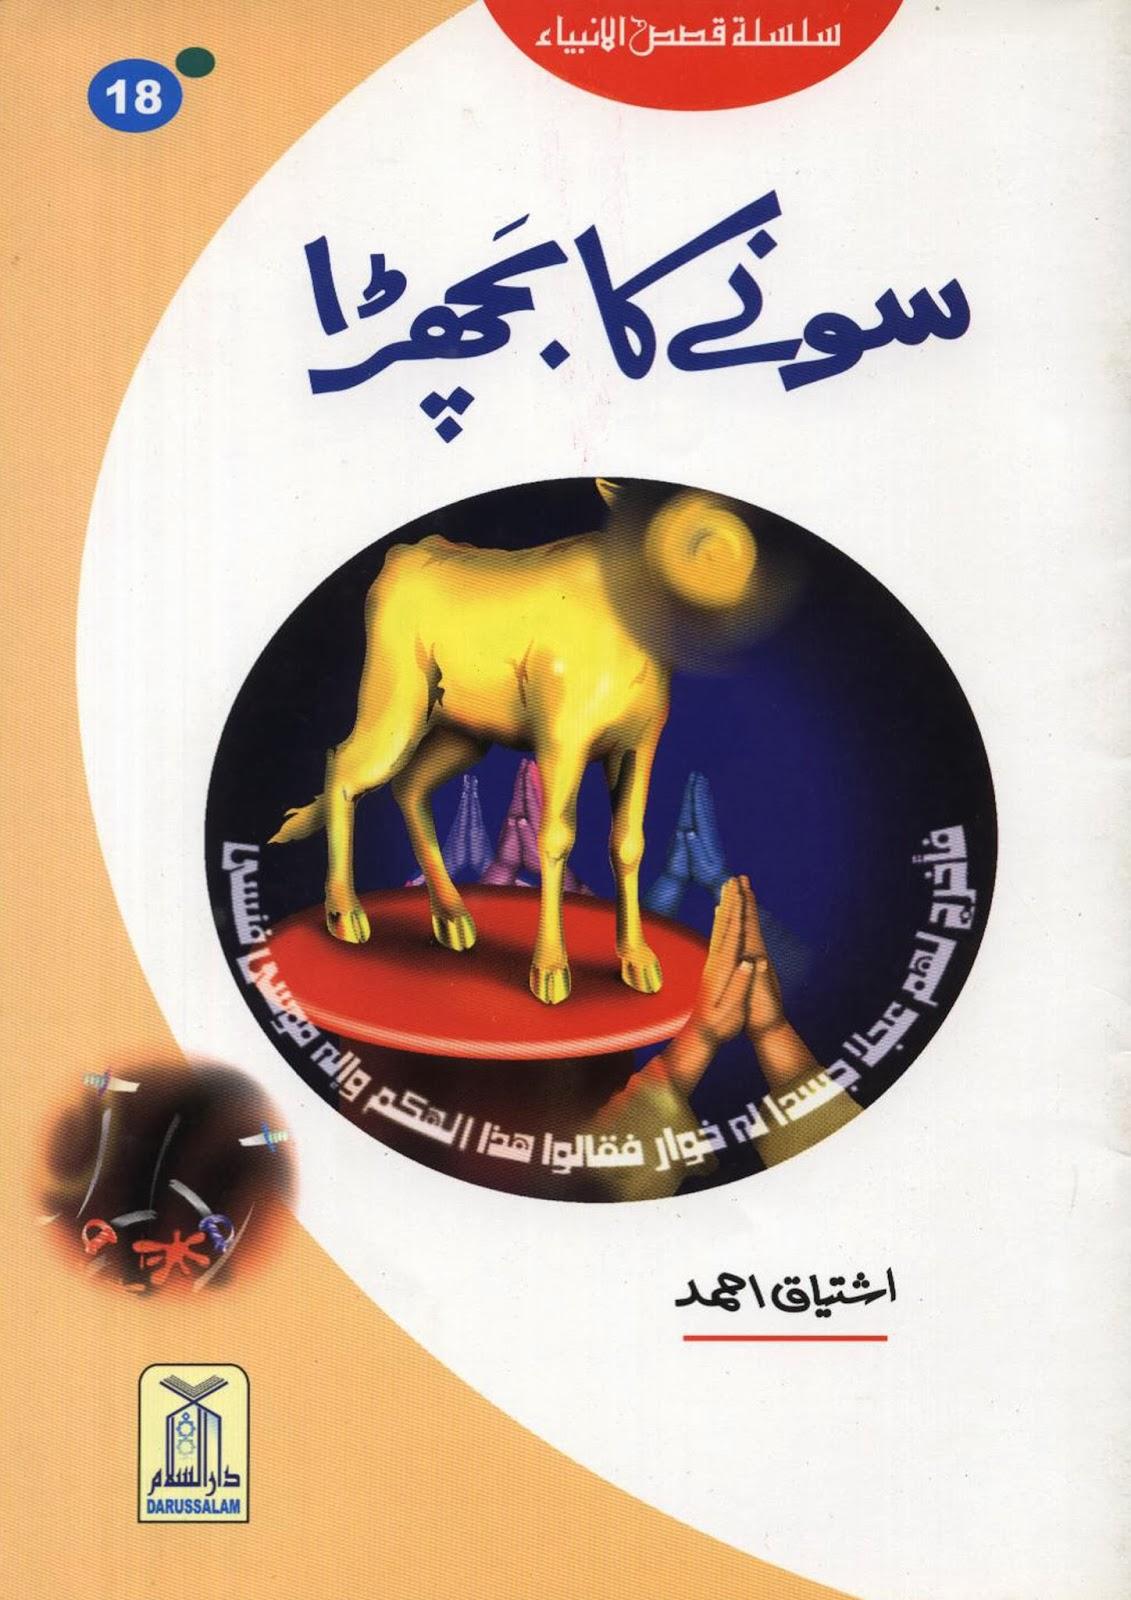 http://urduguru1.blogspot.com/2014/03/sony-ka-bashrah-mussa-as.html